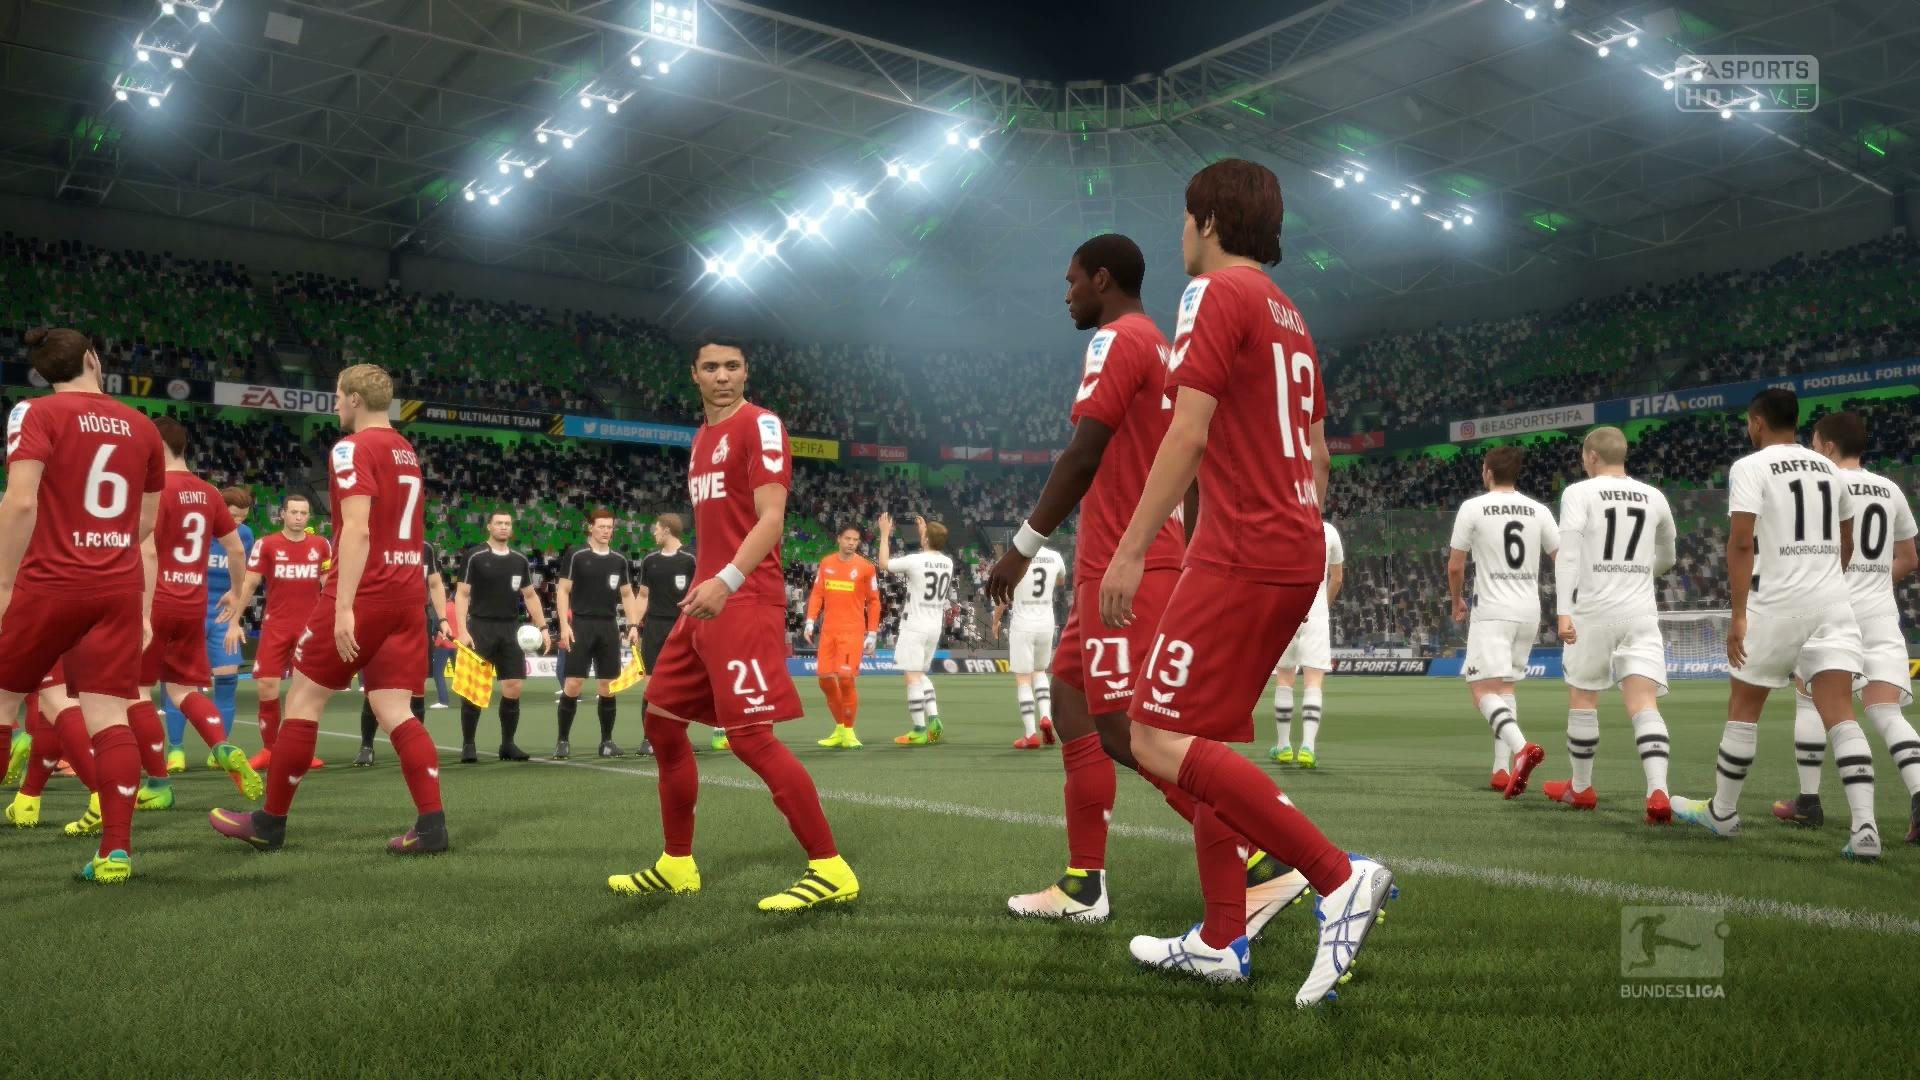 Fifa 17 Schnellste Mannschaft